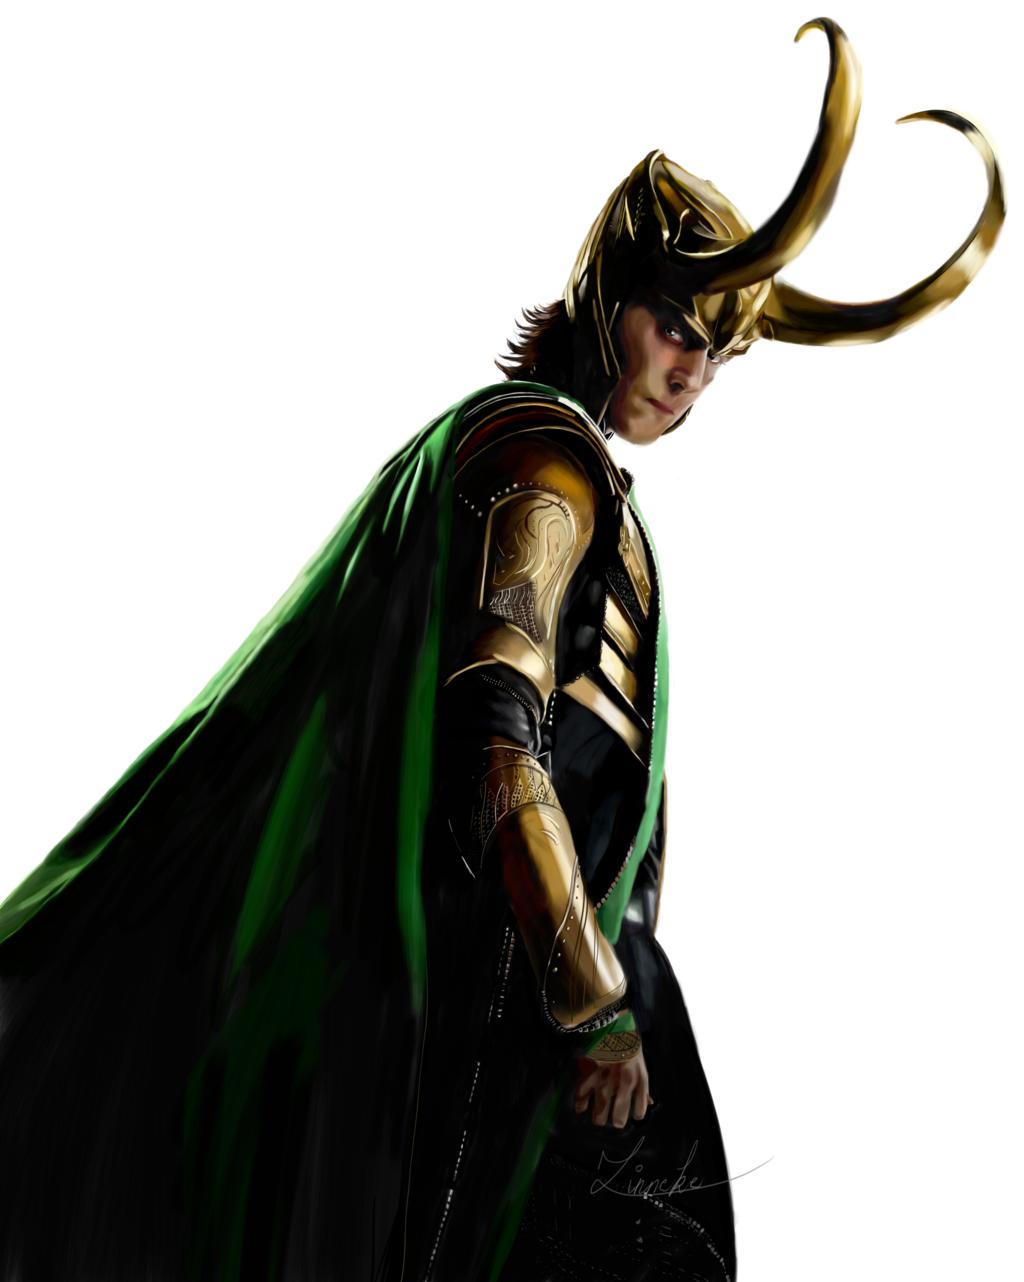 Loki of Asgard by Linnekesart Loki of Asgard by Linnekesart - Loki PNG